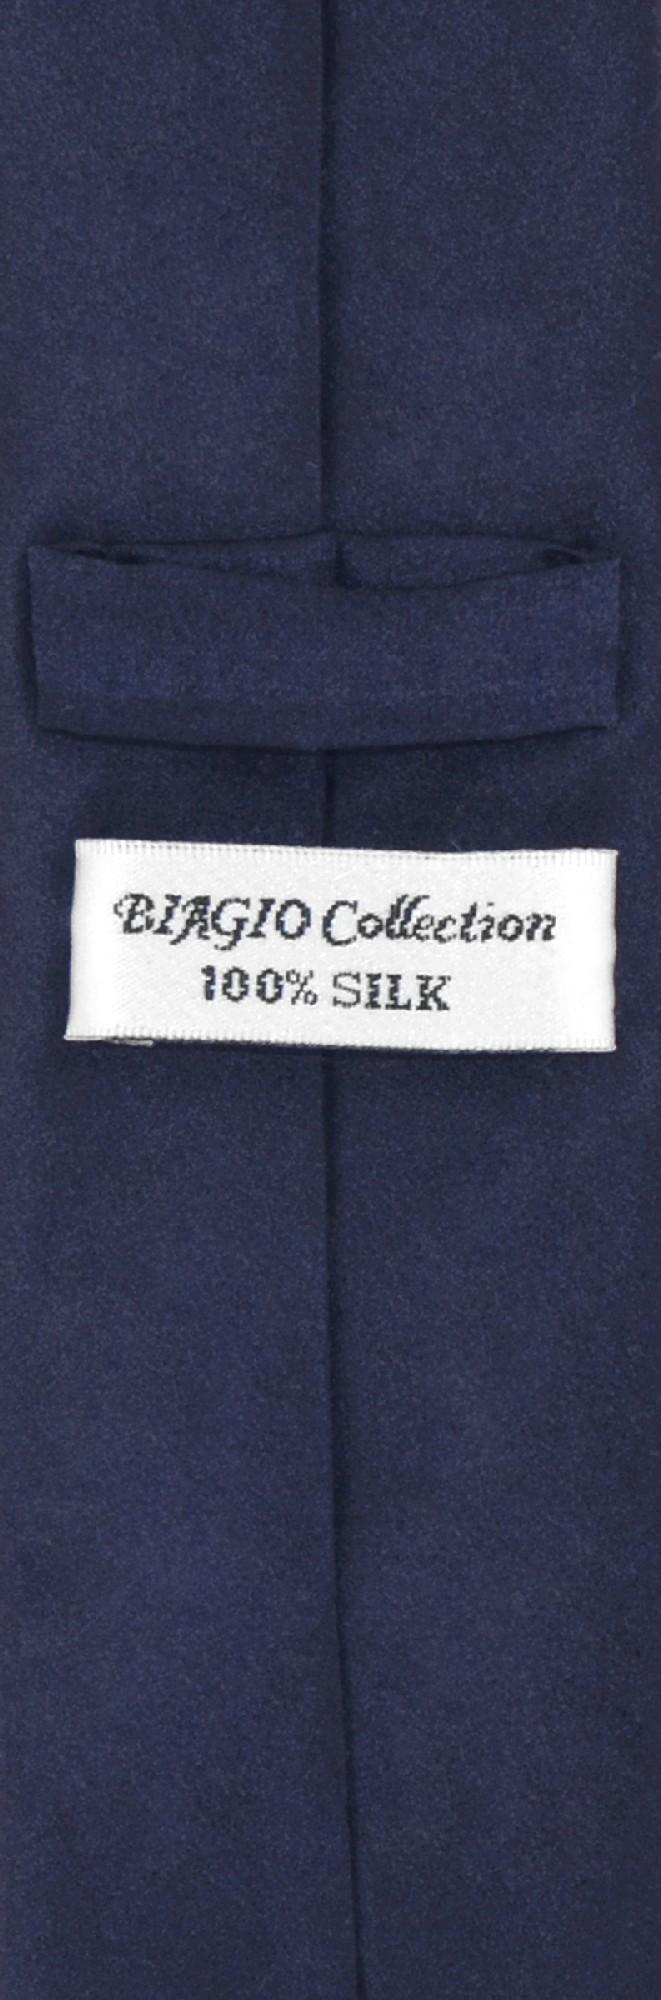 Navy Blue Skinny Tie And Handkerchief Set | Silk Necktie Hanky Set